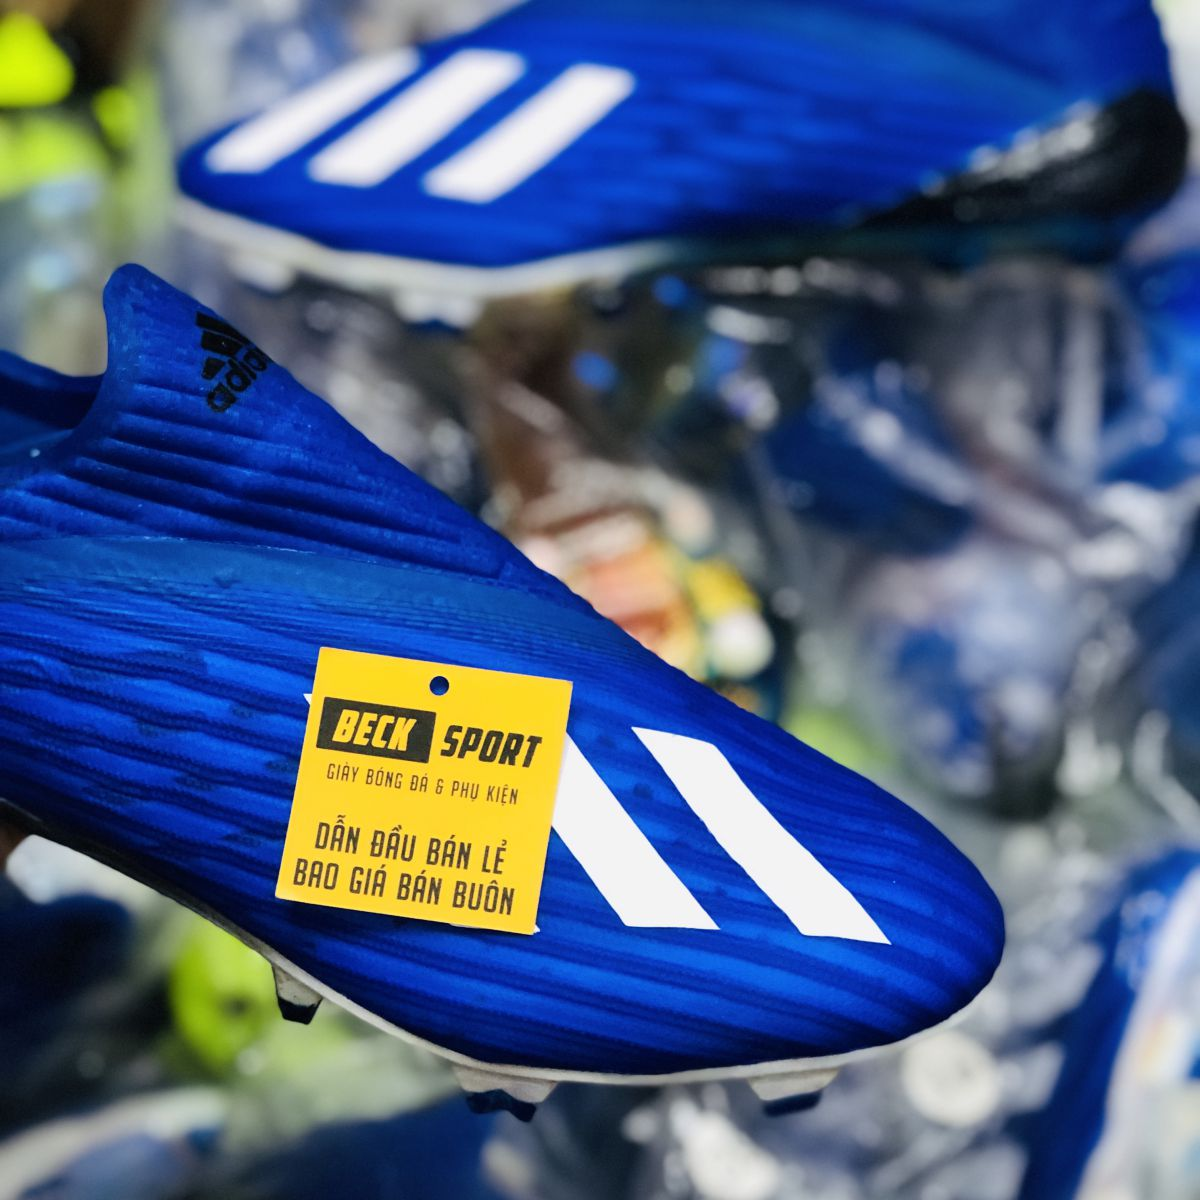 Giày Bóng Đá Adidas X 19+ Xanh Biển Vạch Trắng Đế Bóng Không Dây FG